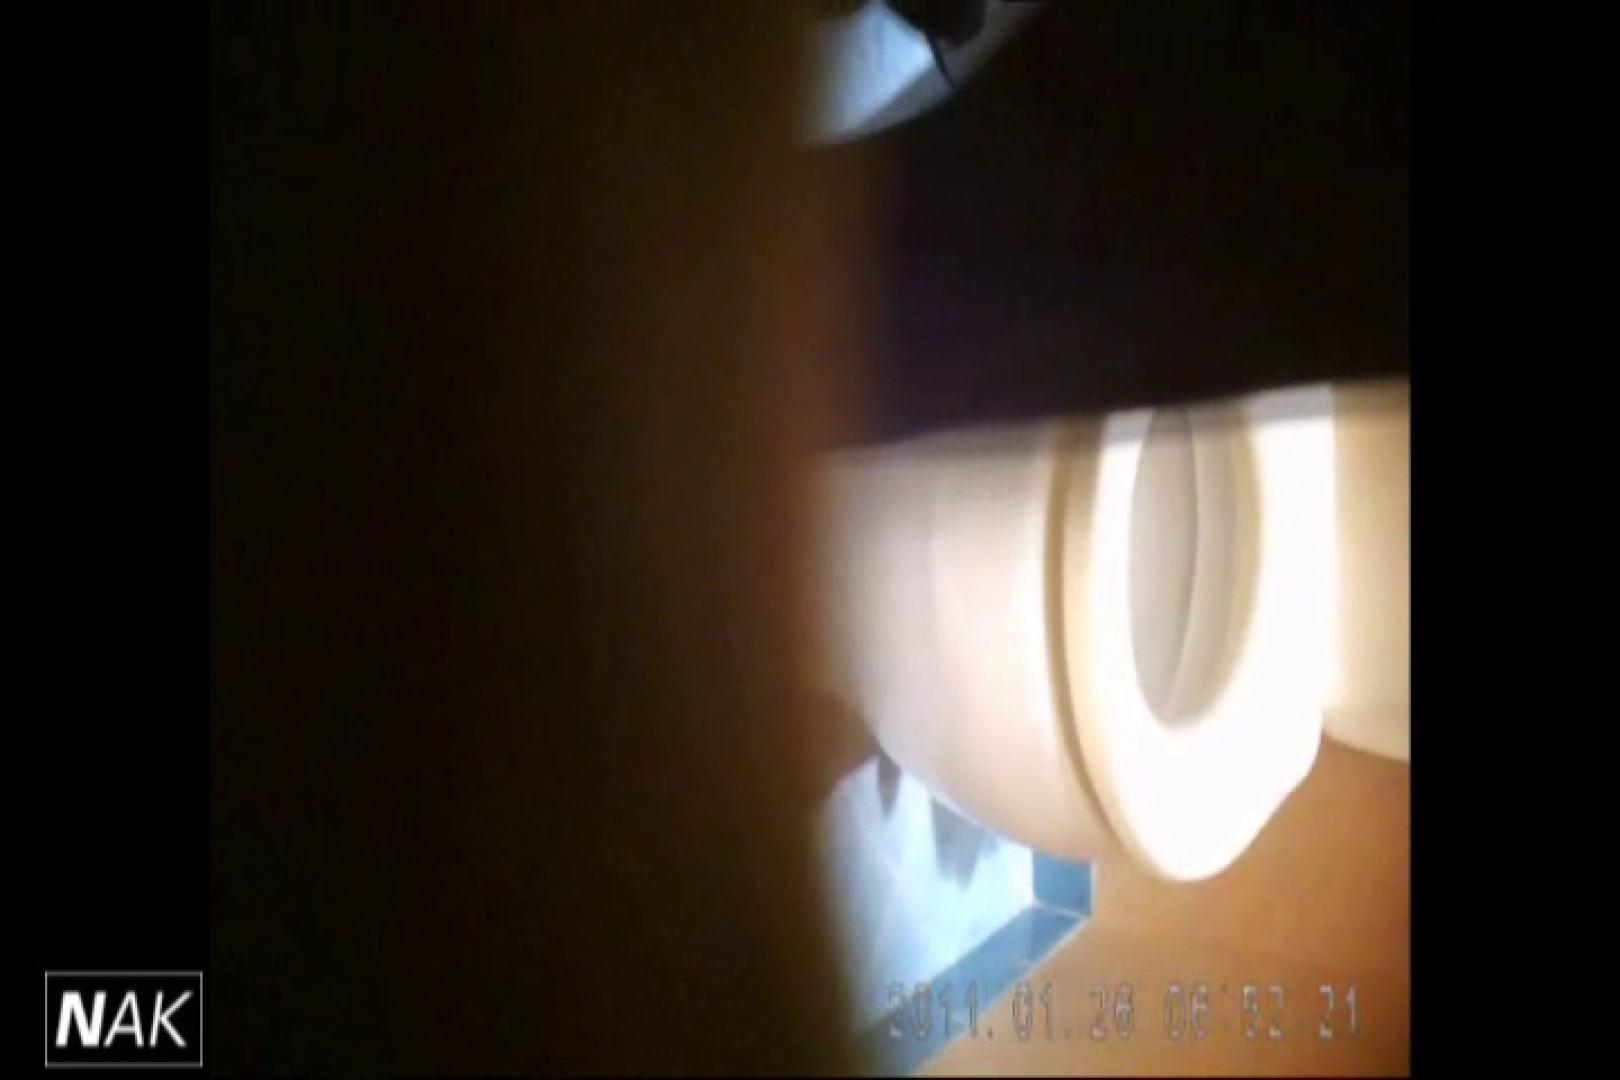 せん八さんの厠観察日記!2点監視カメラ 高画質5000K vol.11 高画質 オメコ動画キャプチャ 82pic 78